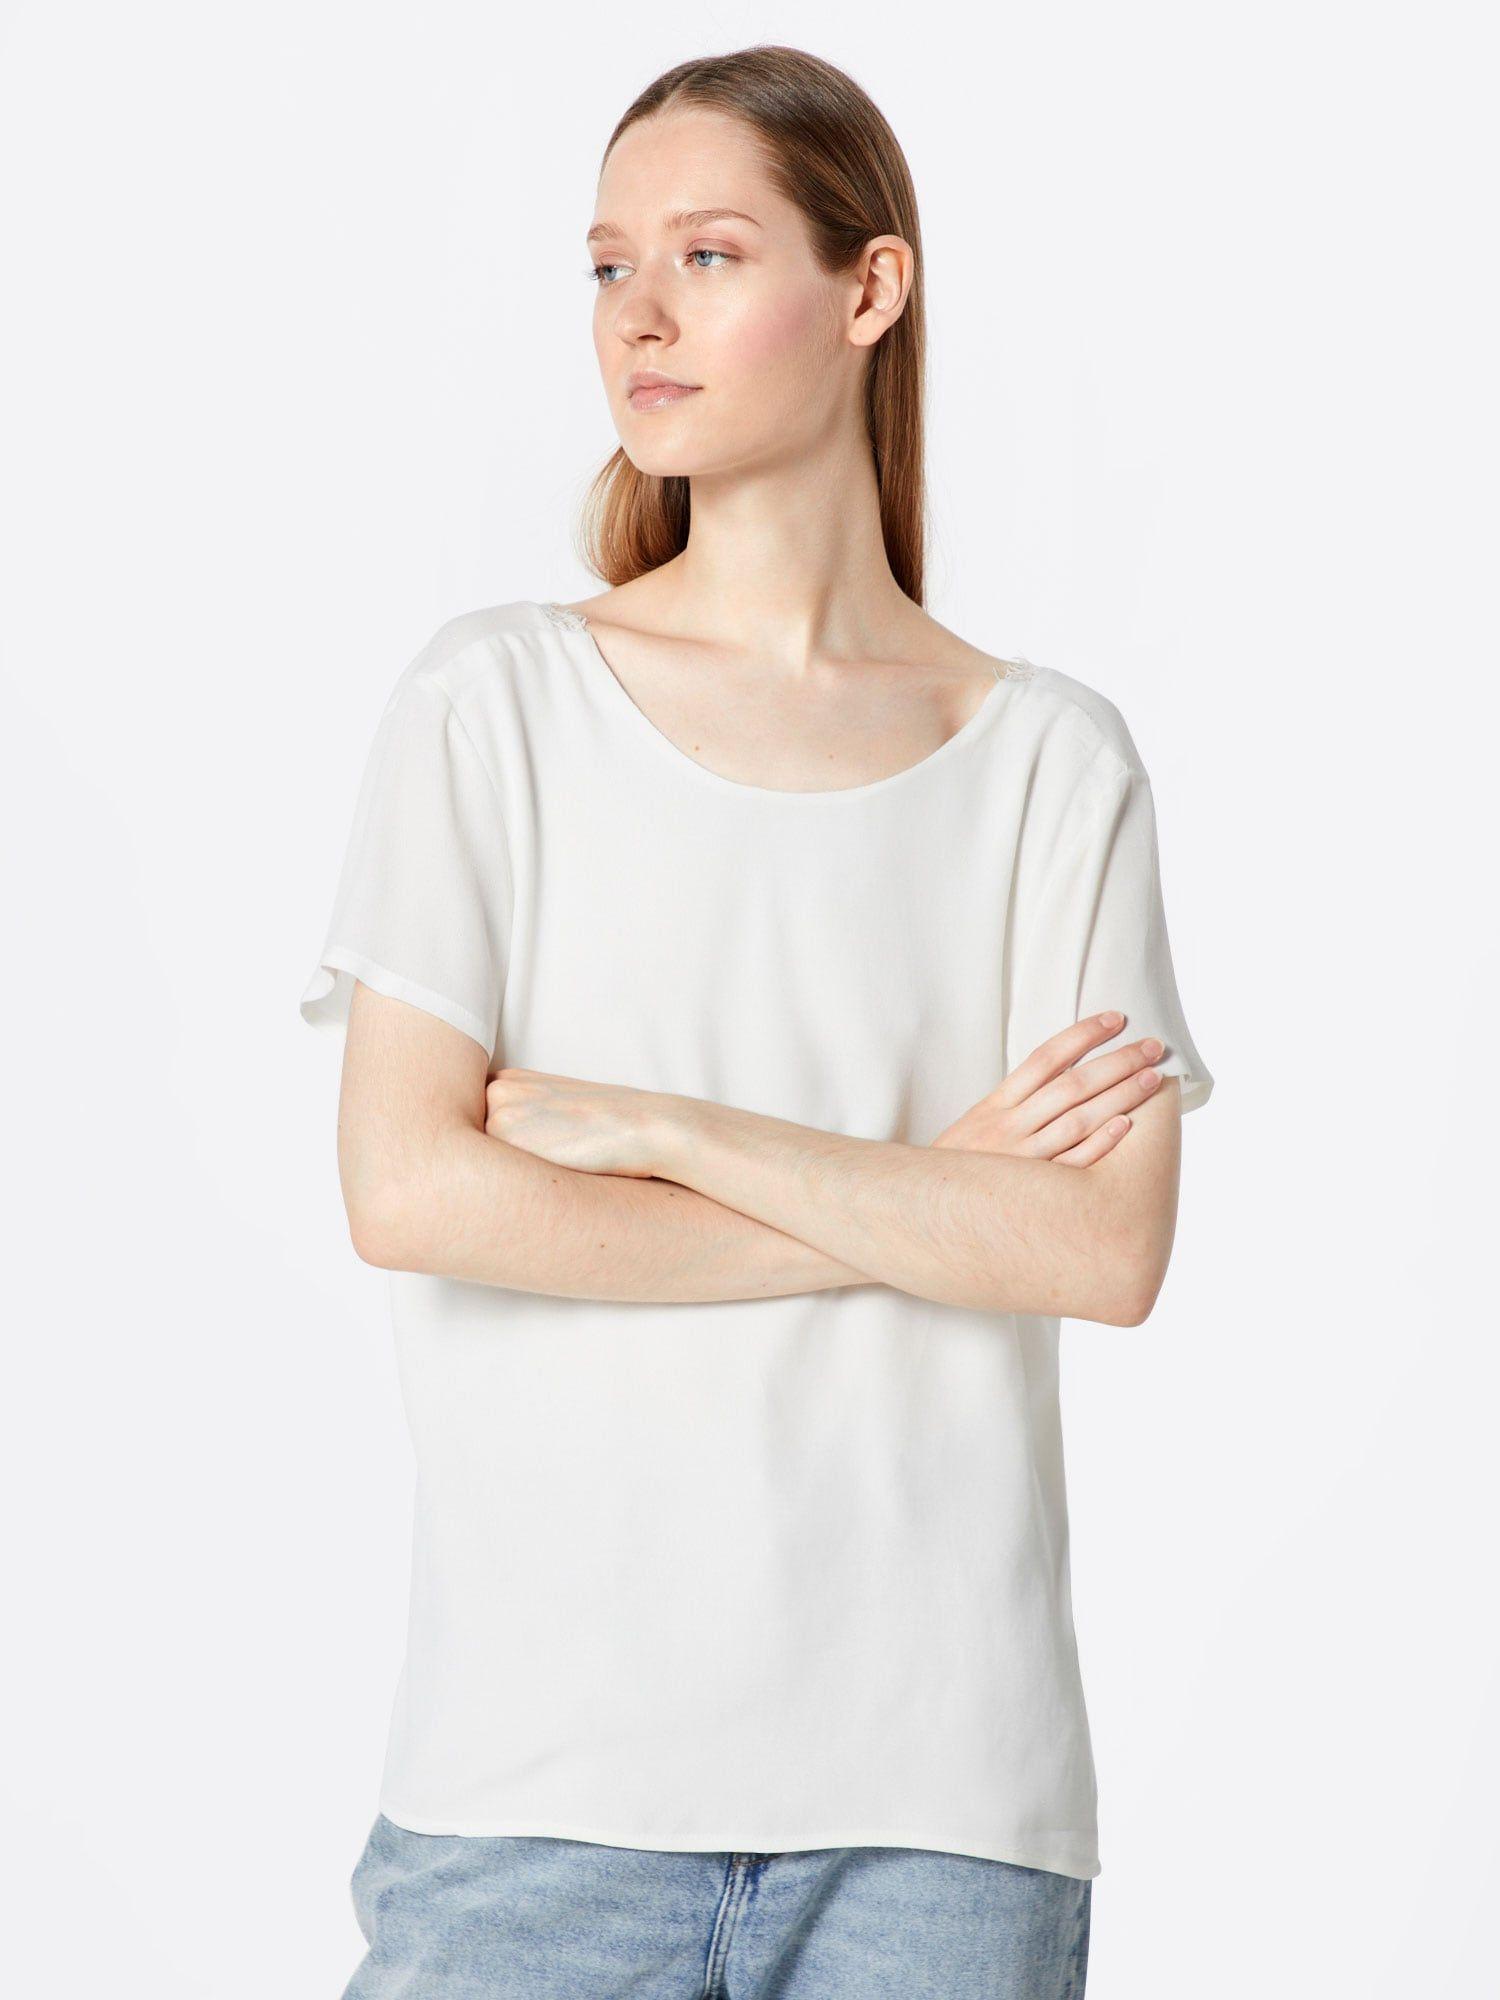 Object T Shirt Lourdes Damen Weiss Grosse Xl Shirts T Shirt Und Damen